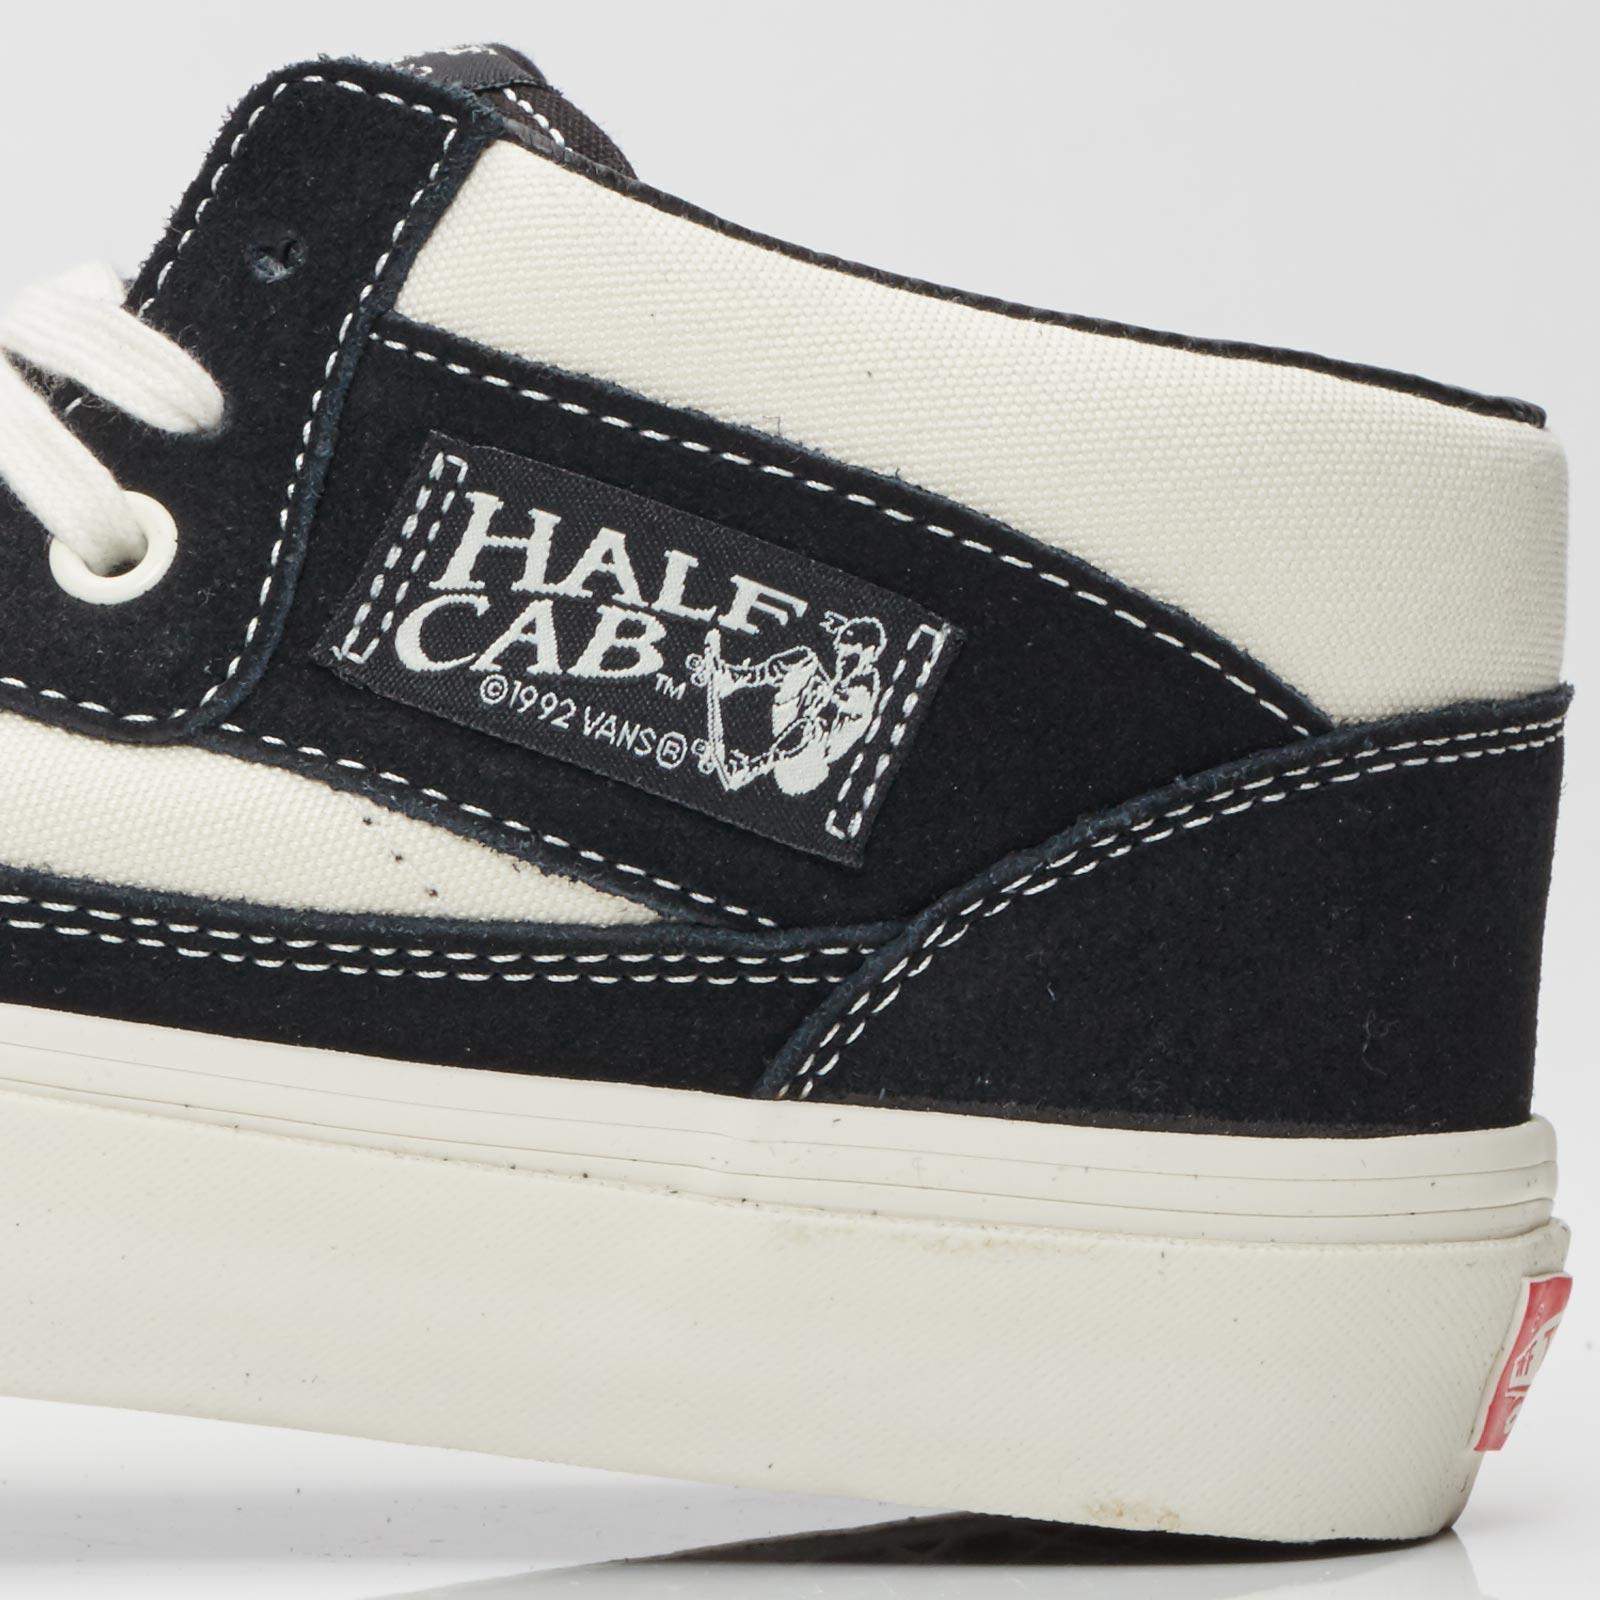 faa18349a131 Vans OG Half Cab LX - Va3dp6n8k - Sneakersnstuff